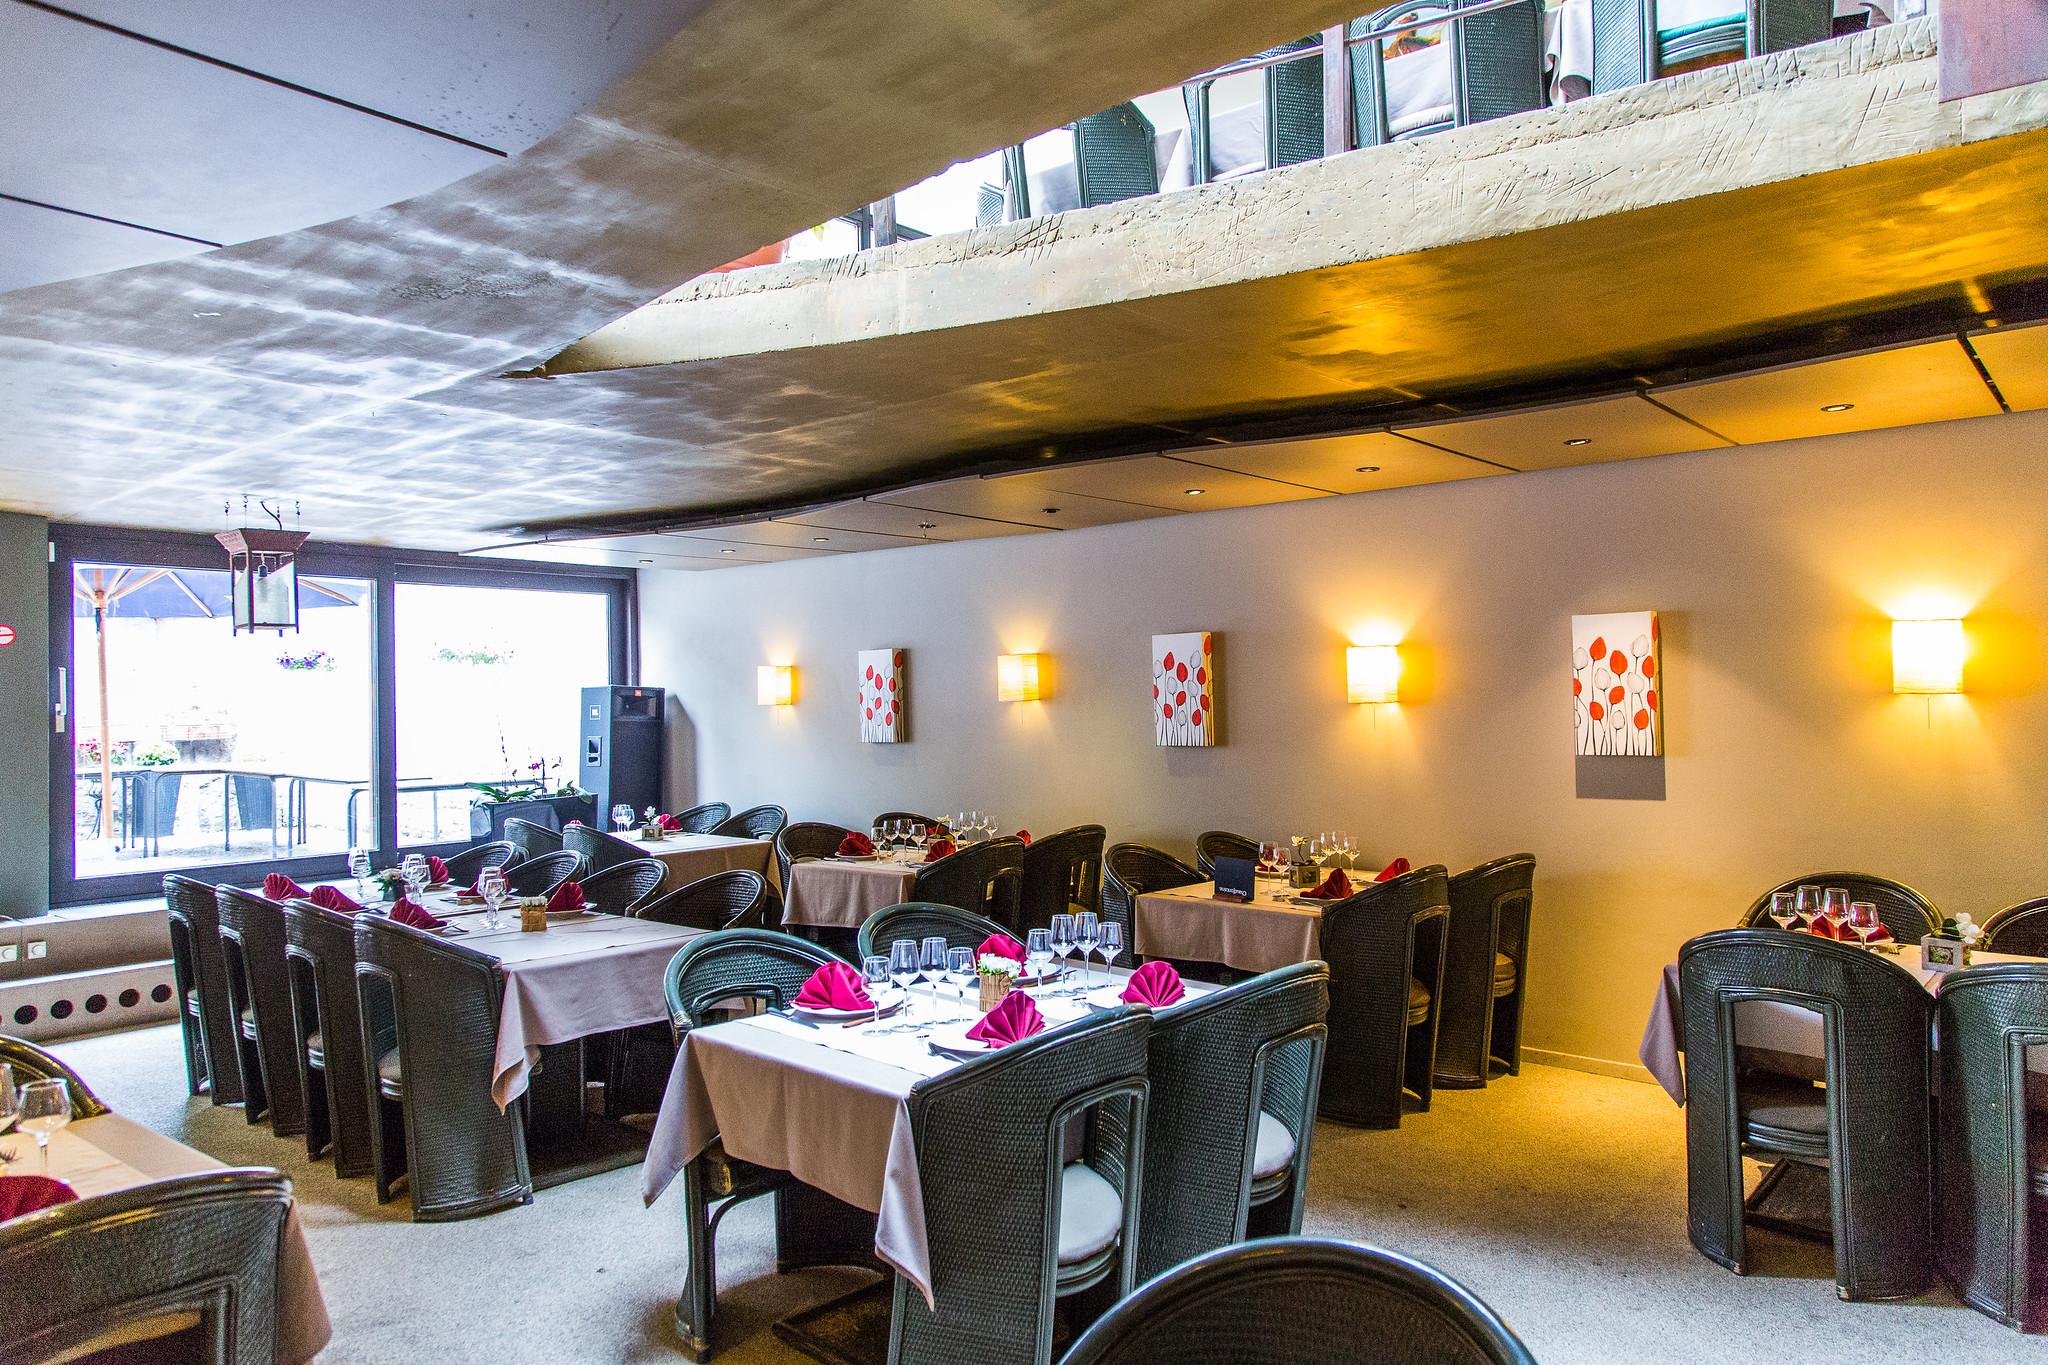 Restaurant Le Yen Marseille